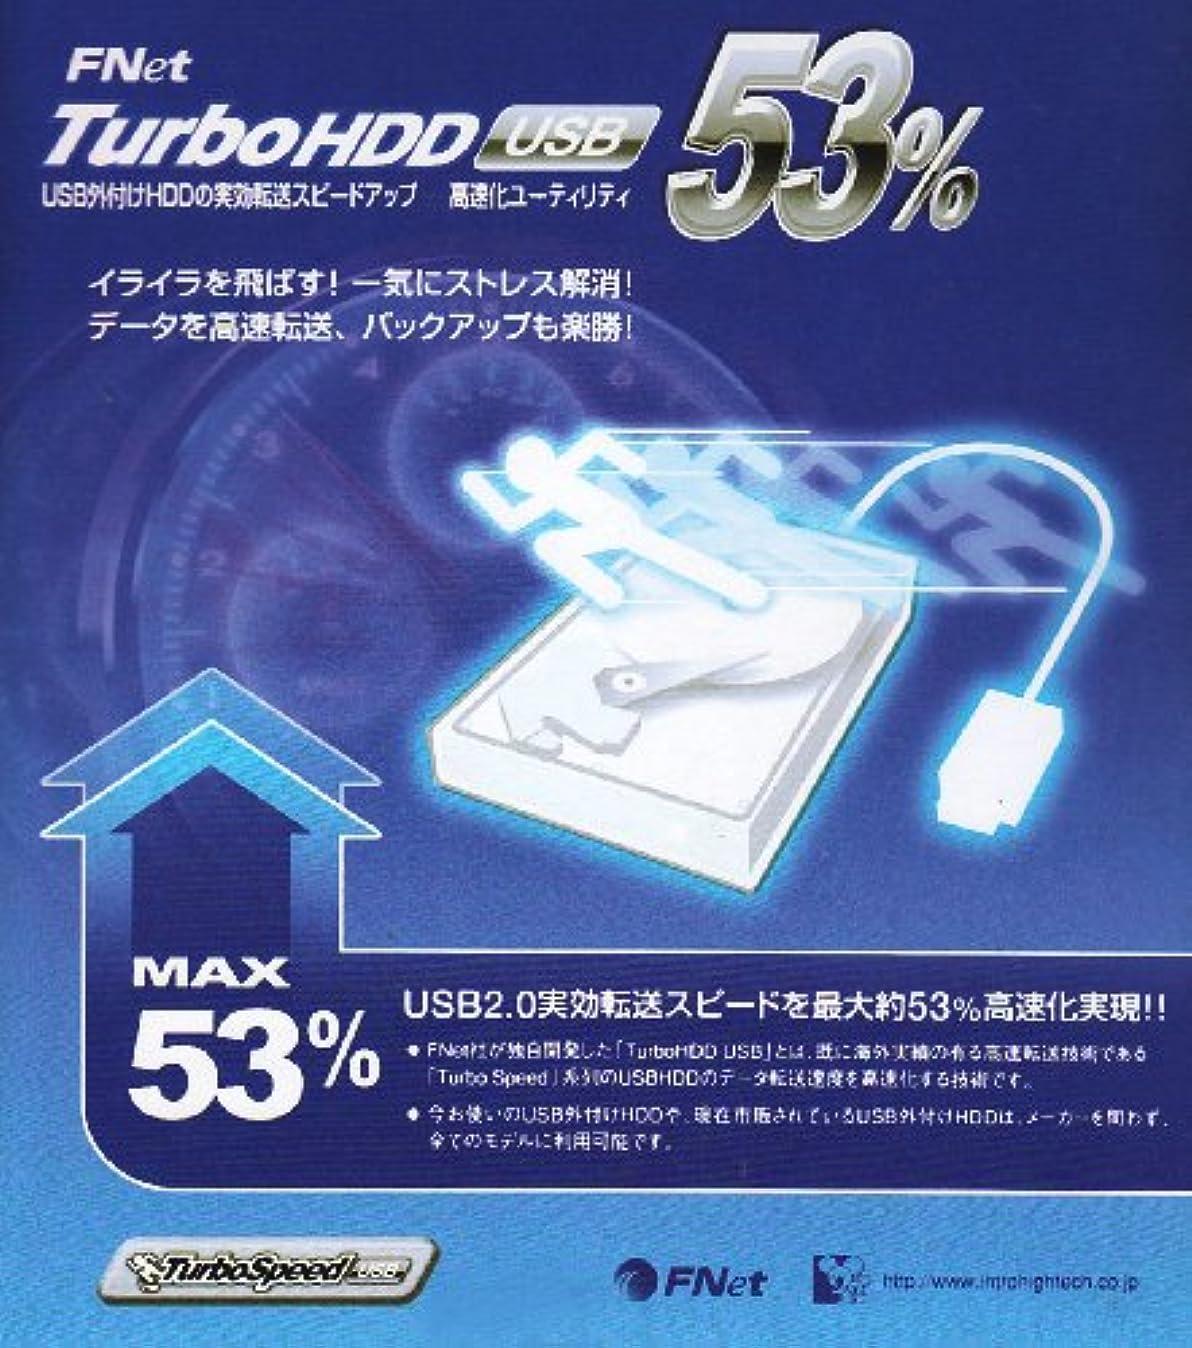 悪用うつ驚いたTurboHDD USB USBハードディスク高速化ユーティリティ